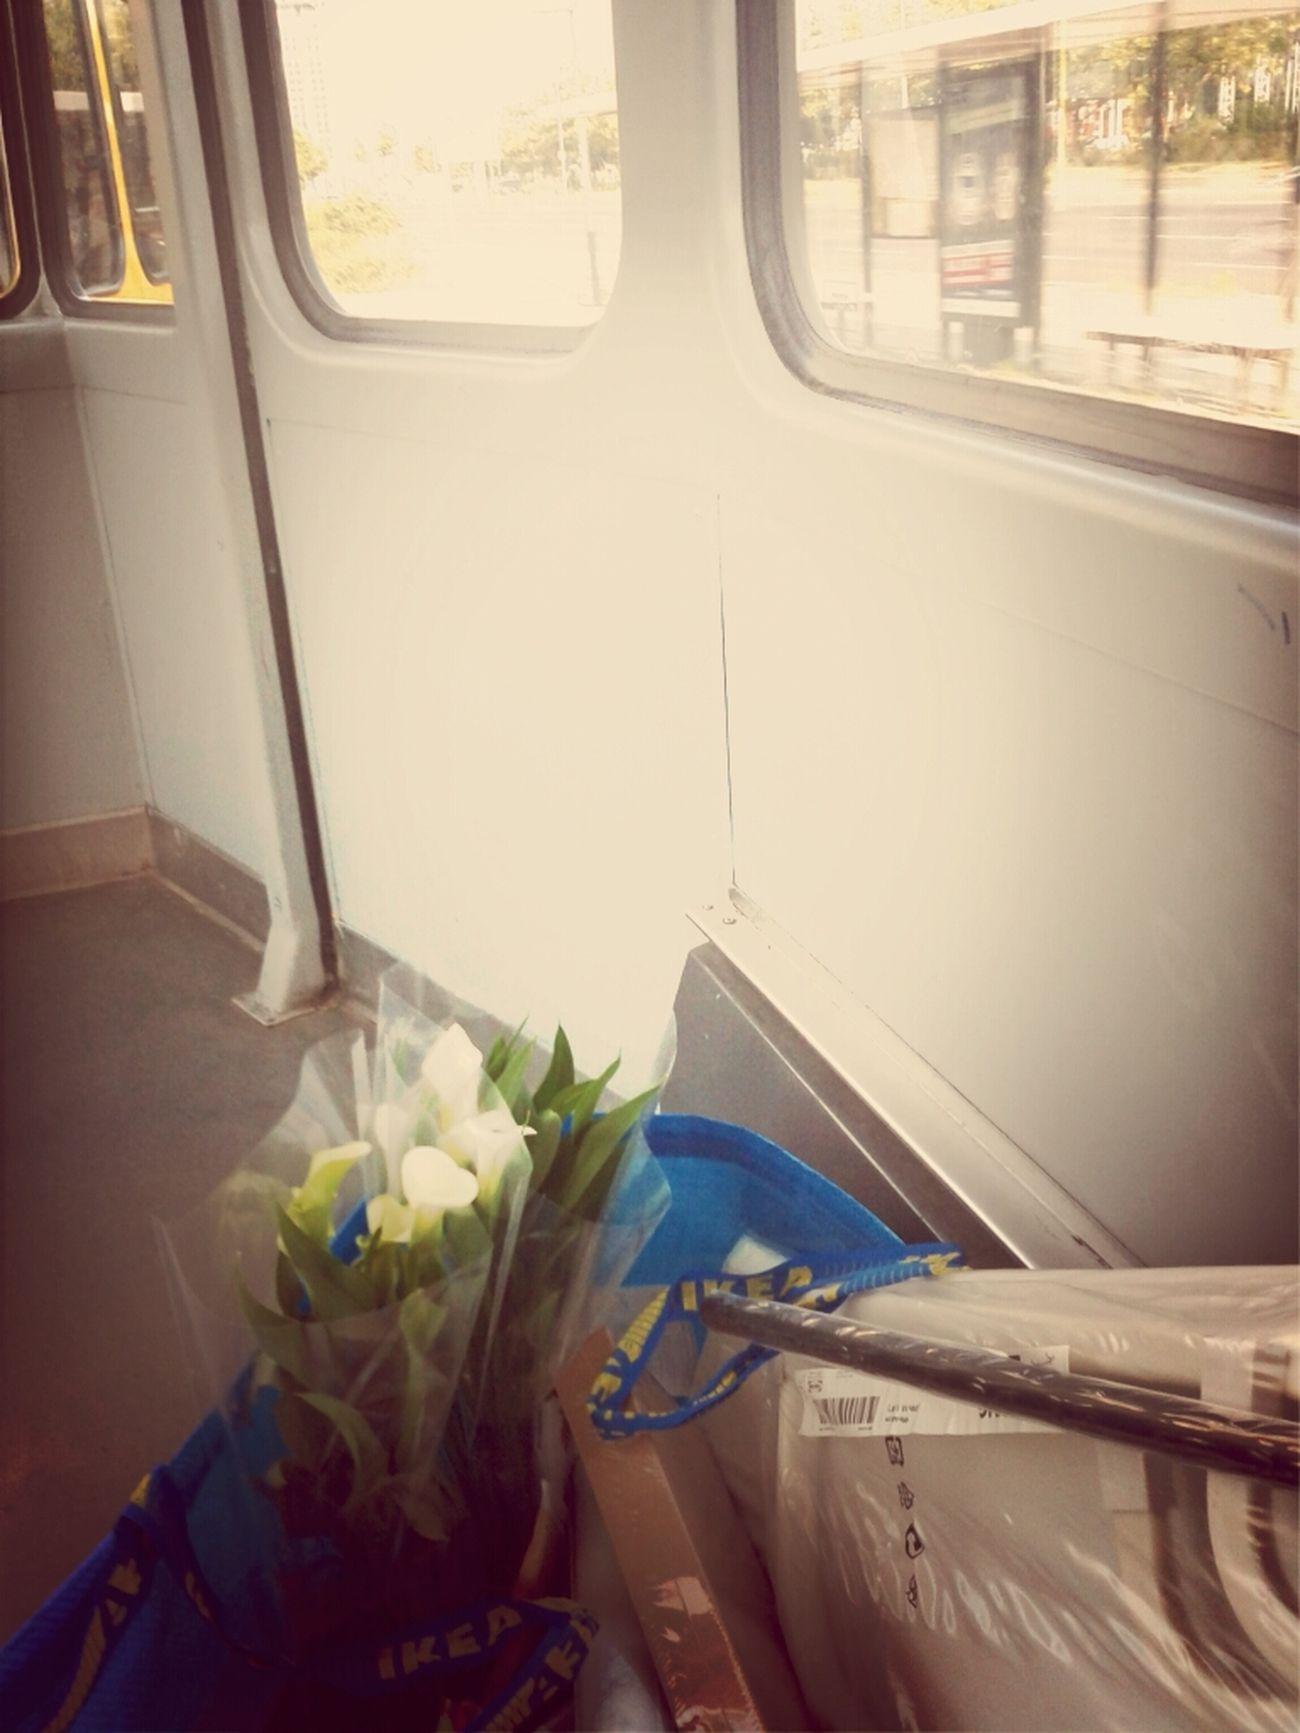 IKEA by Tram